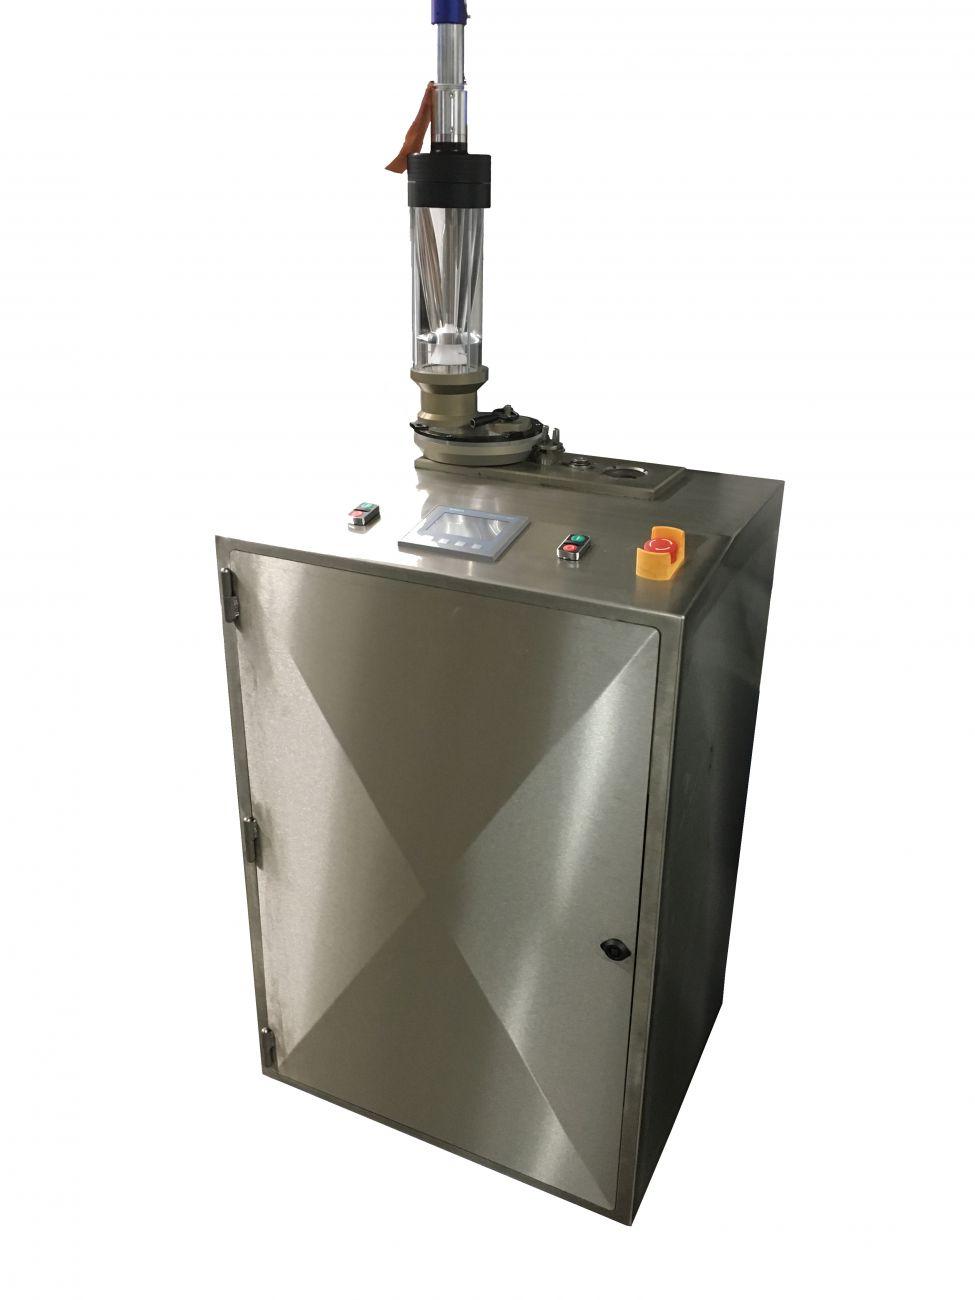 Thermisch spuiten, lasercladden, poederdosering